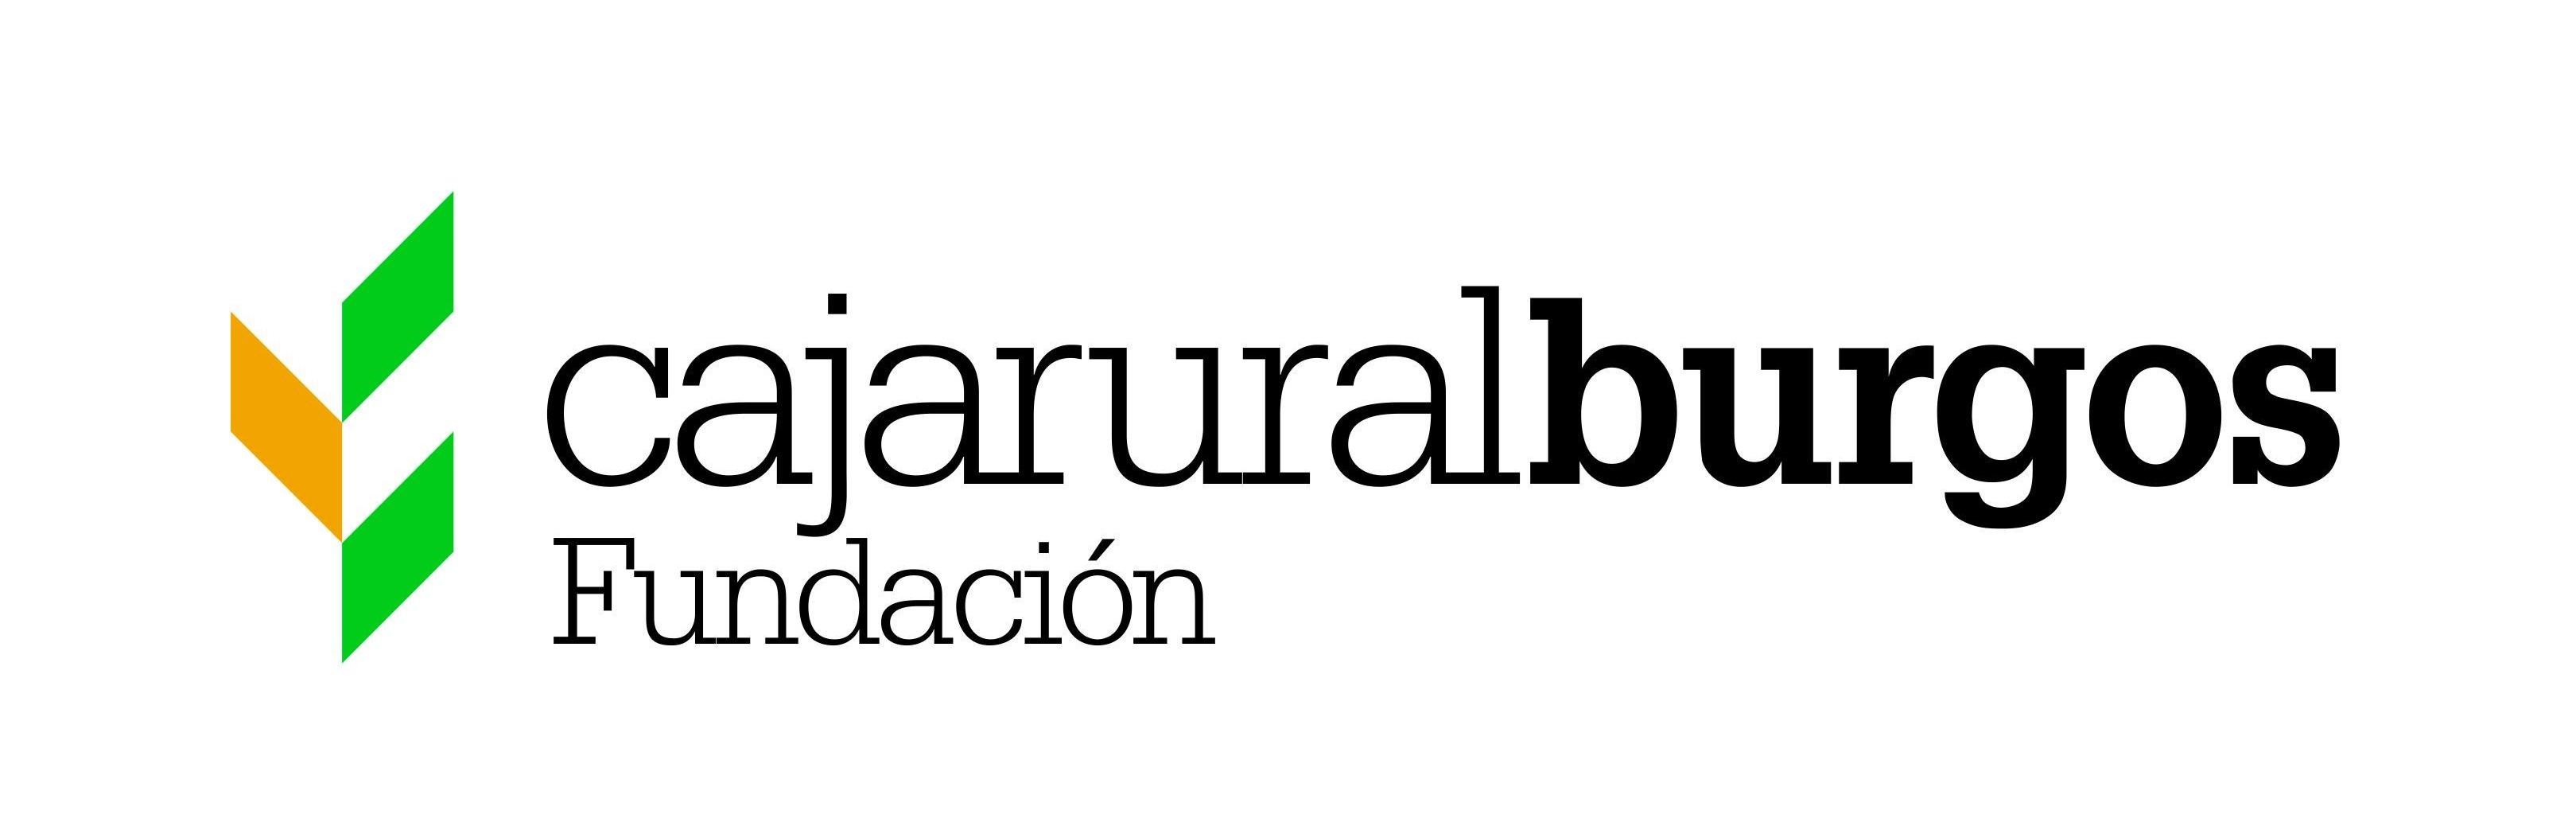 Logotipo_Fundacioncajarural_01 (2)